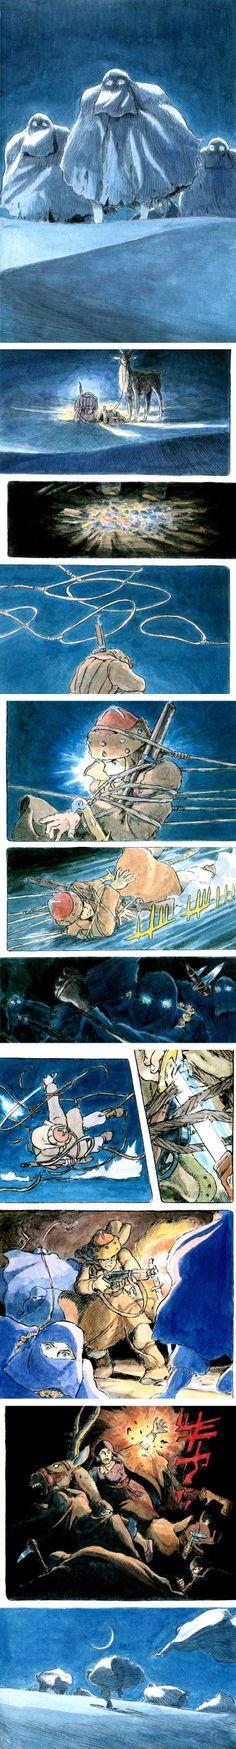 """""""Shuna No Tabi"""" by Hayao Miyazaki (1983)"""